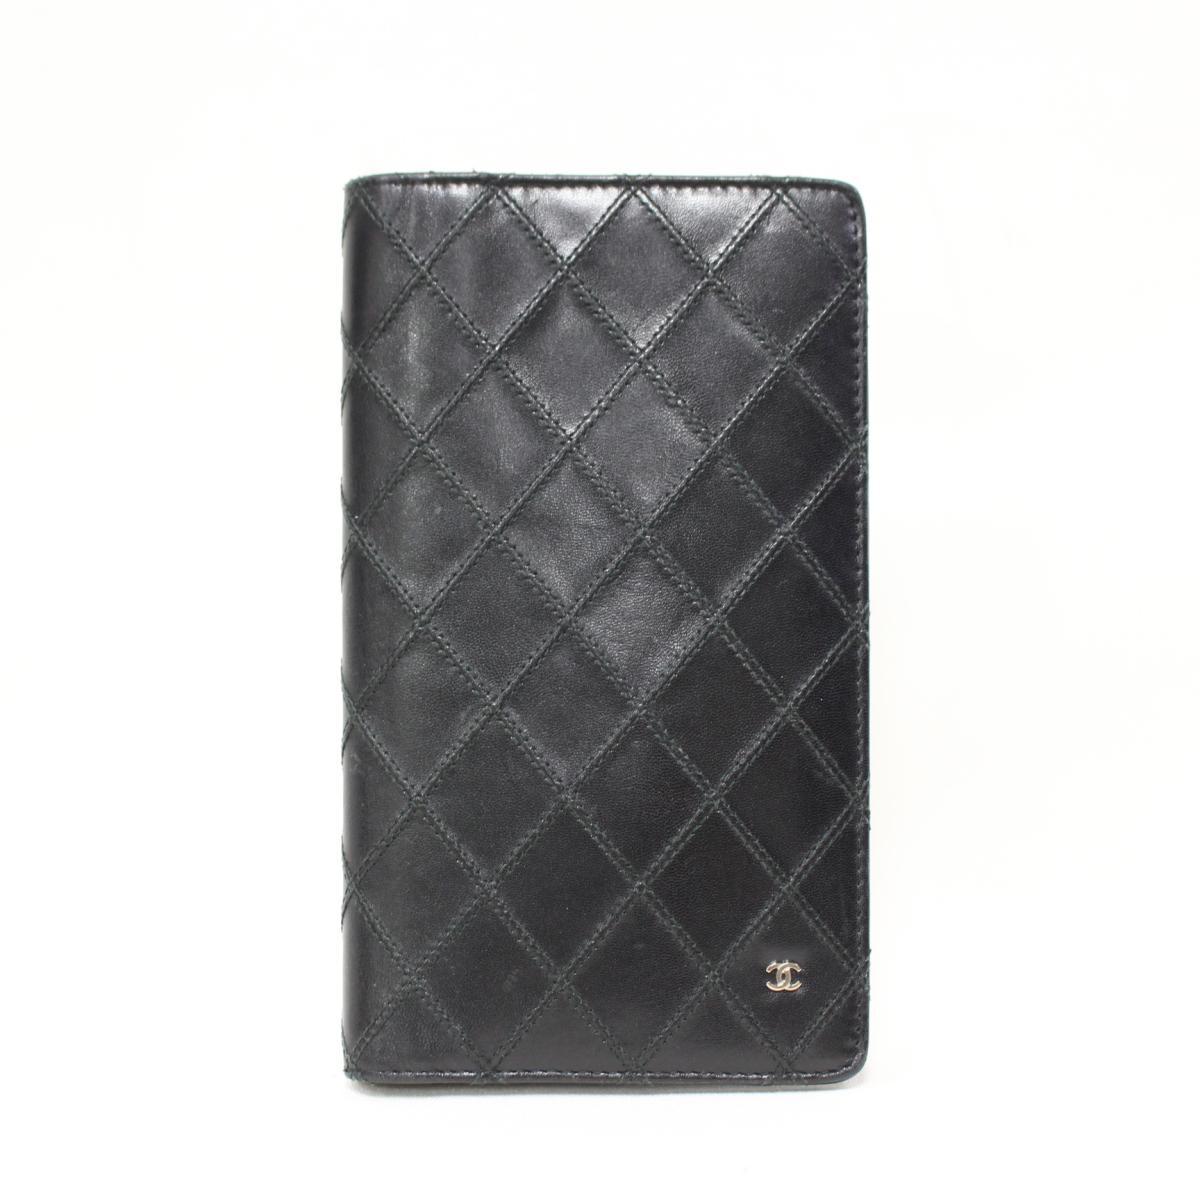 【おすすめ!】ビコローレ 二つ折りZIP長財布/メンズ/レディース 長財布